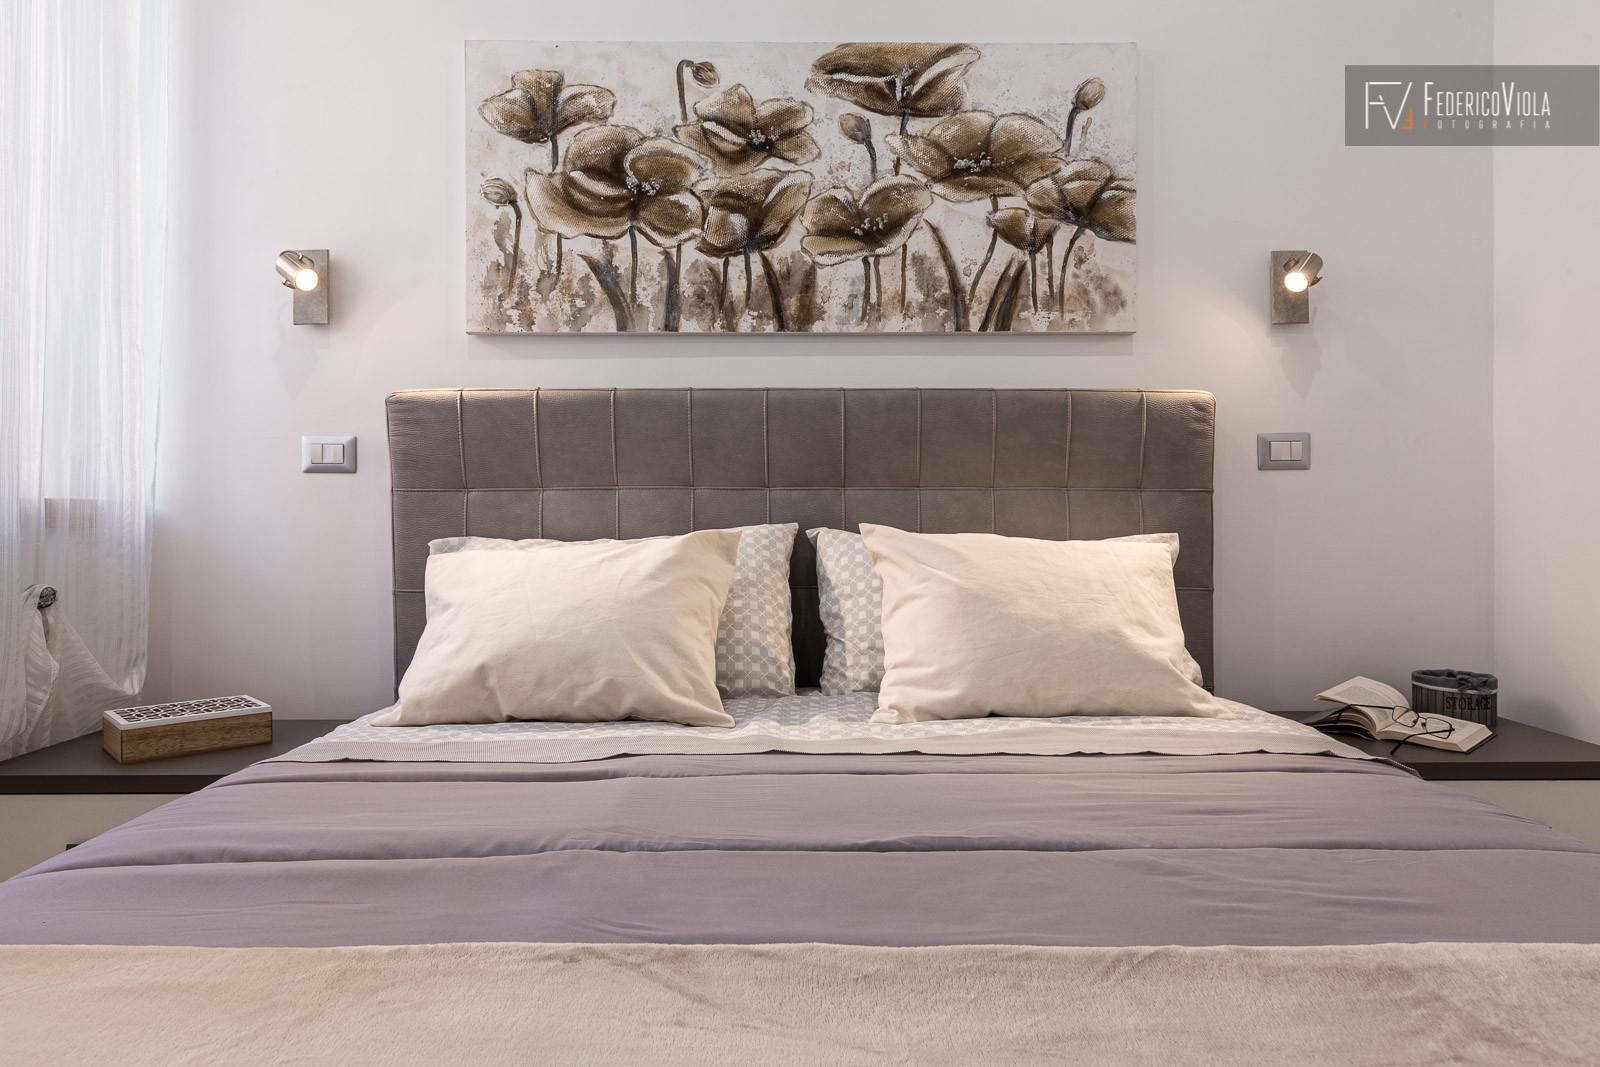 Foto-appartamento-mv-in-affitto-Gaeta-20